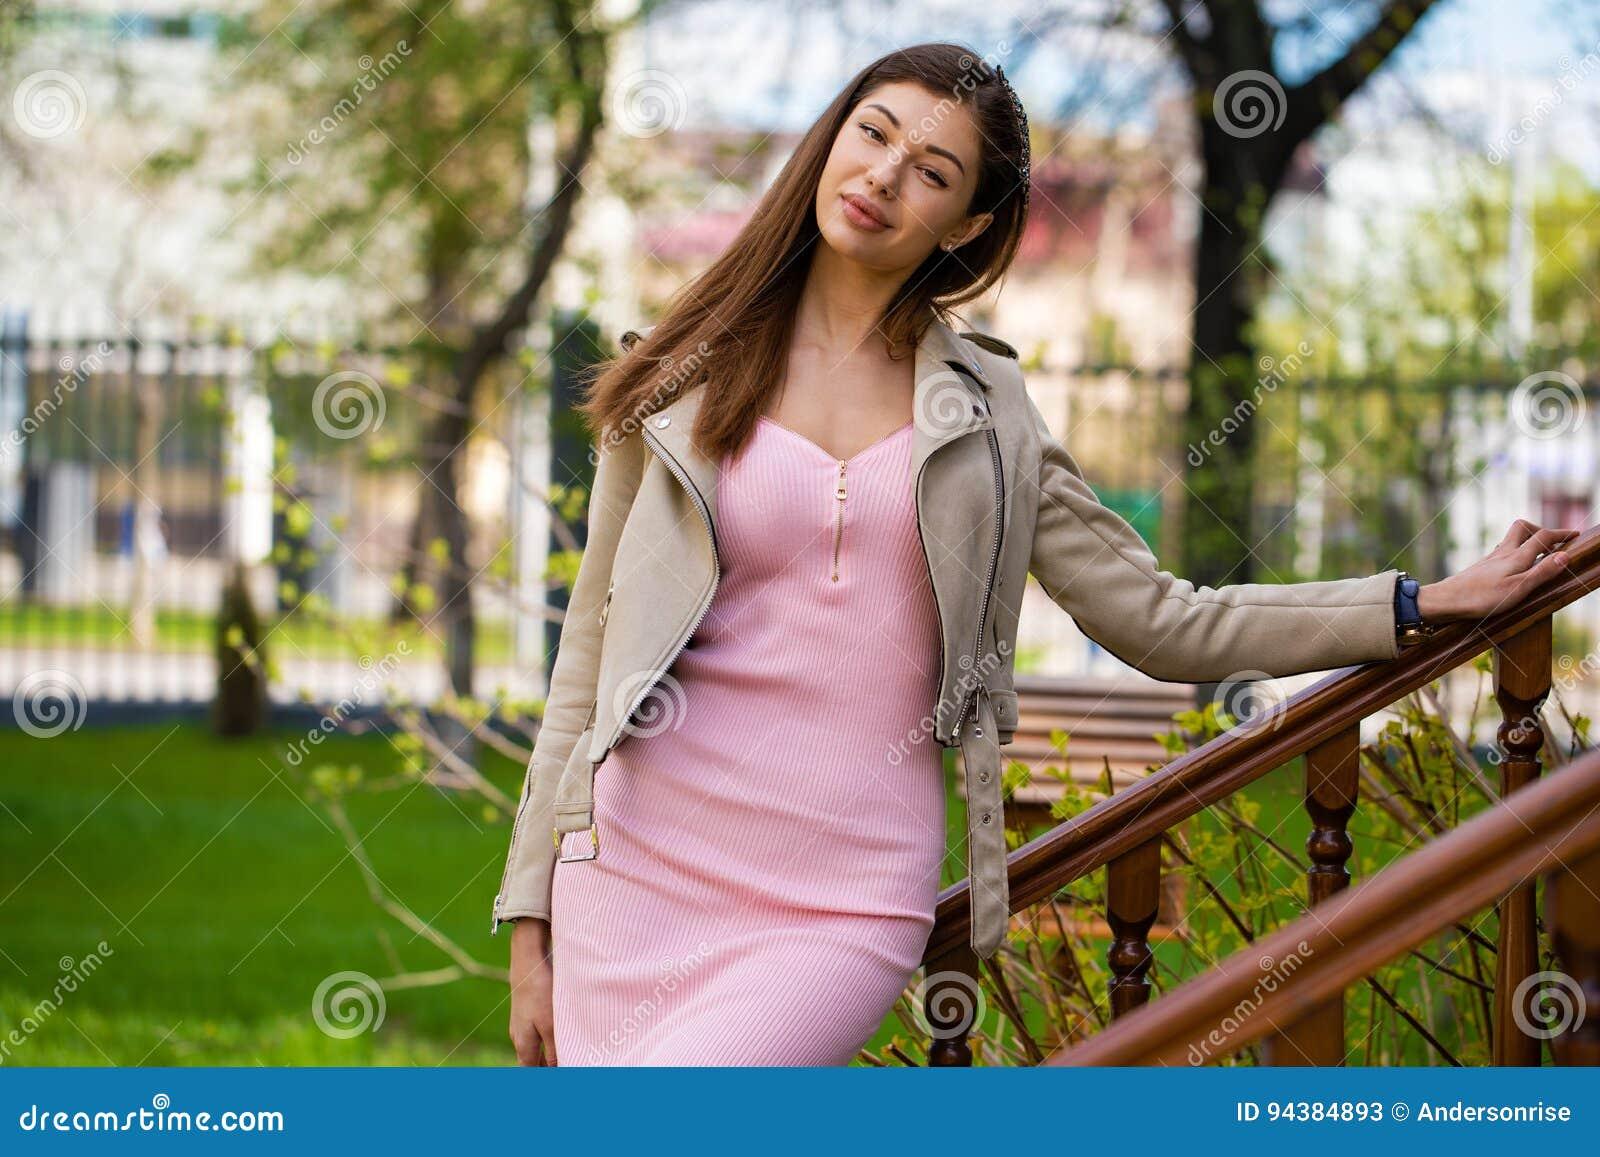 Jacke rosa kleid